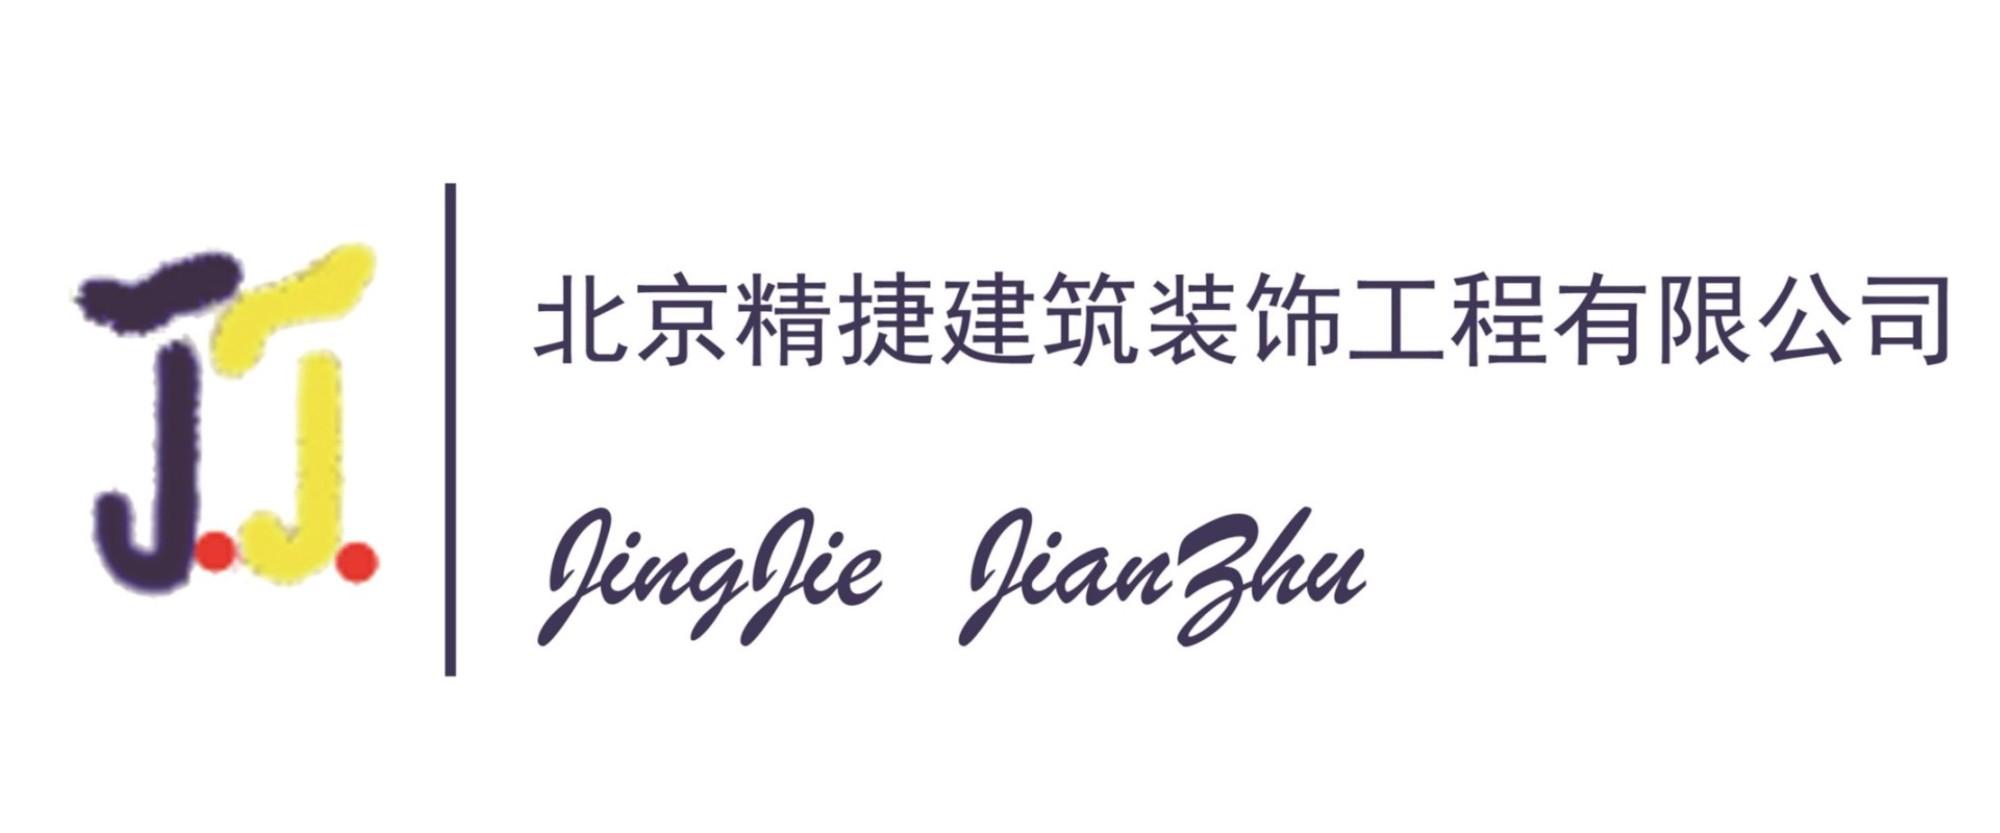 北京精捷建筑装饰工程有限公司